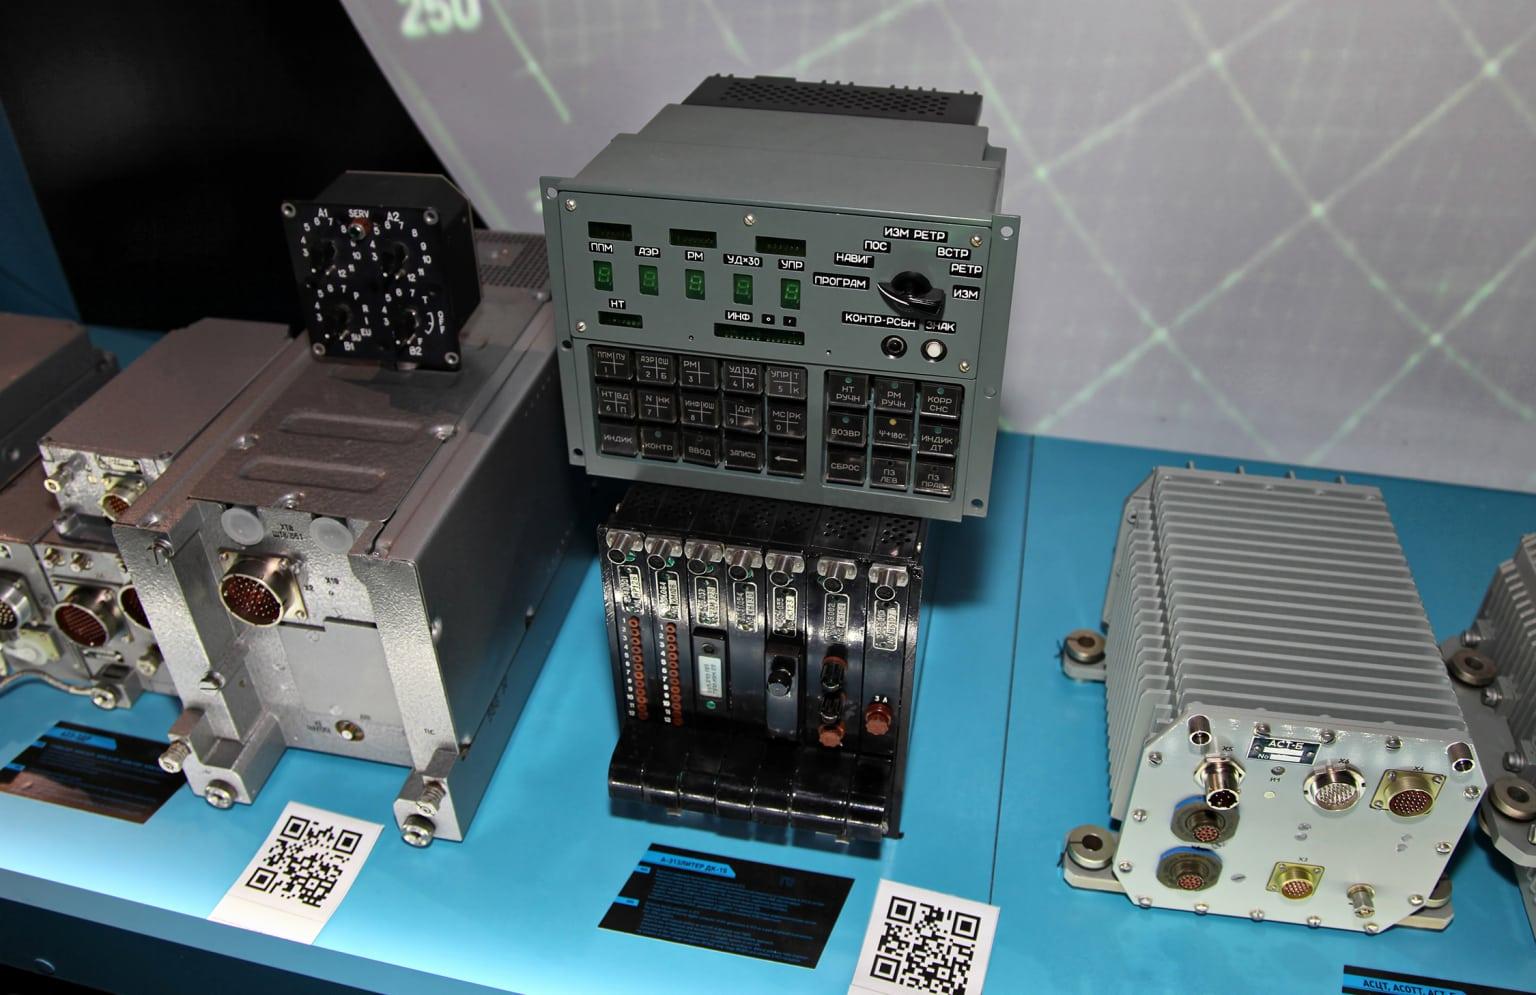 Отечественная цифровая вычислительная машина (БЦВМ) А-313 - бортовой компьютер для установки на воздушных суднах. Подобные устройства требуют использование электропроводящих клеев и герметиков для обеспечения непроницаемости и ЭМС. Фото - Виталий В. Кузьмин.